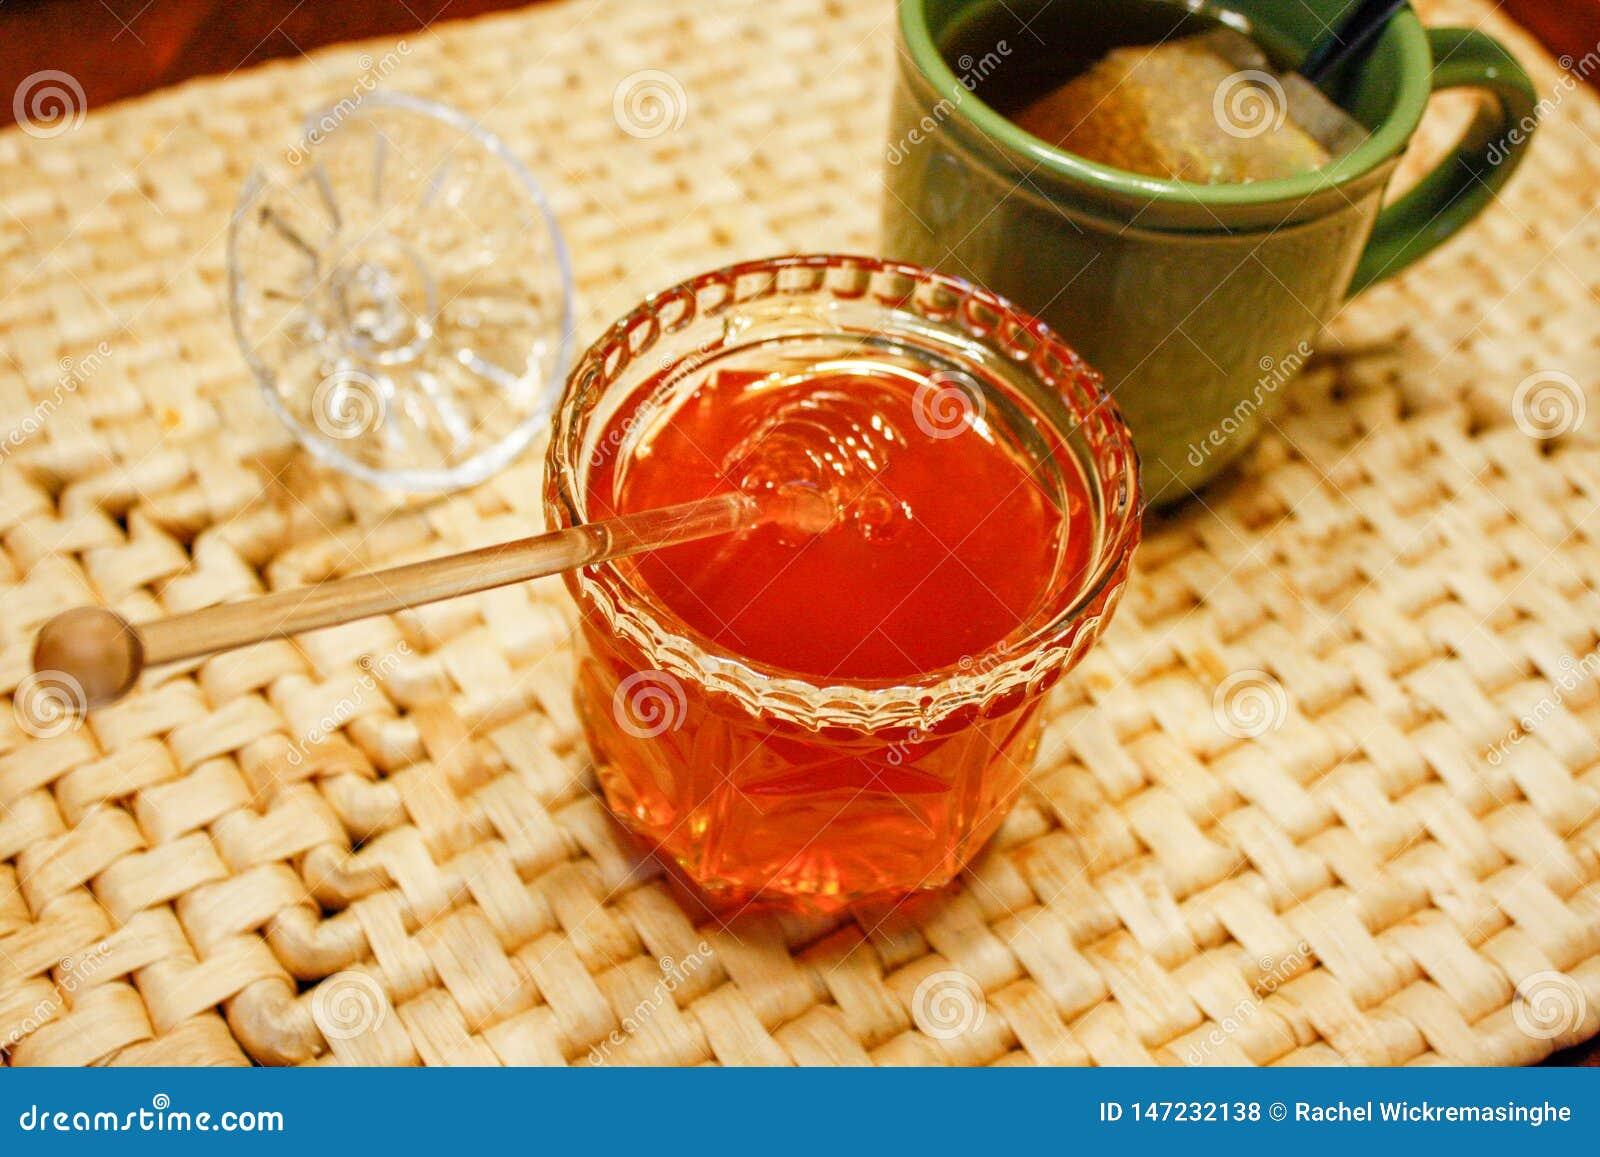 O frasco de vidro aberto com mel e o dipper dourados mergulhou para dentro na esteira de lugar